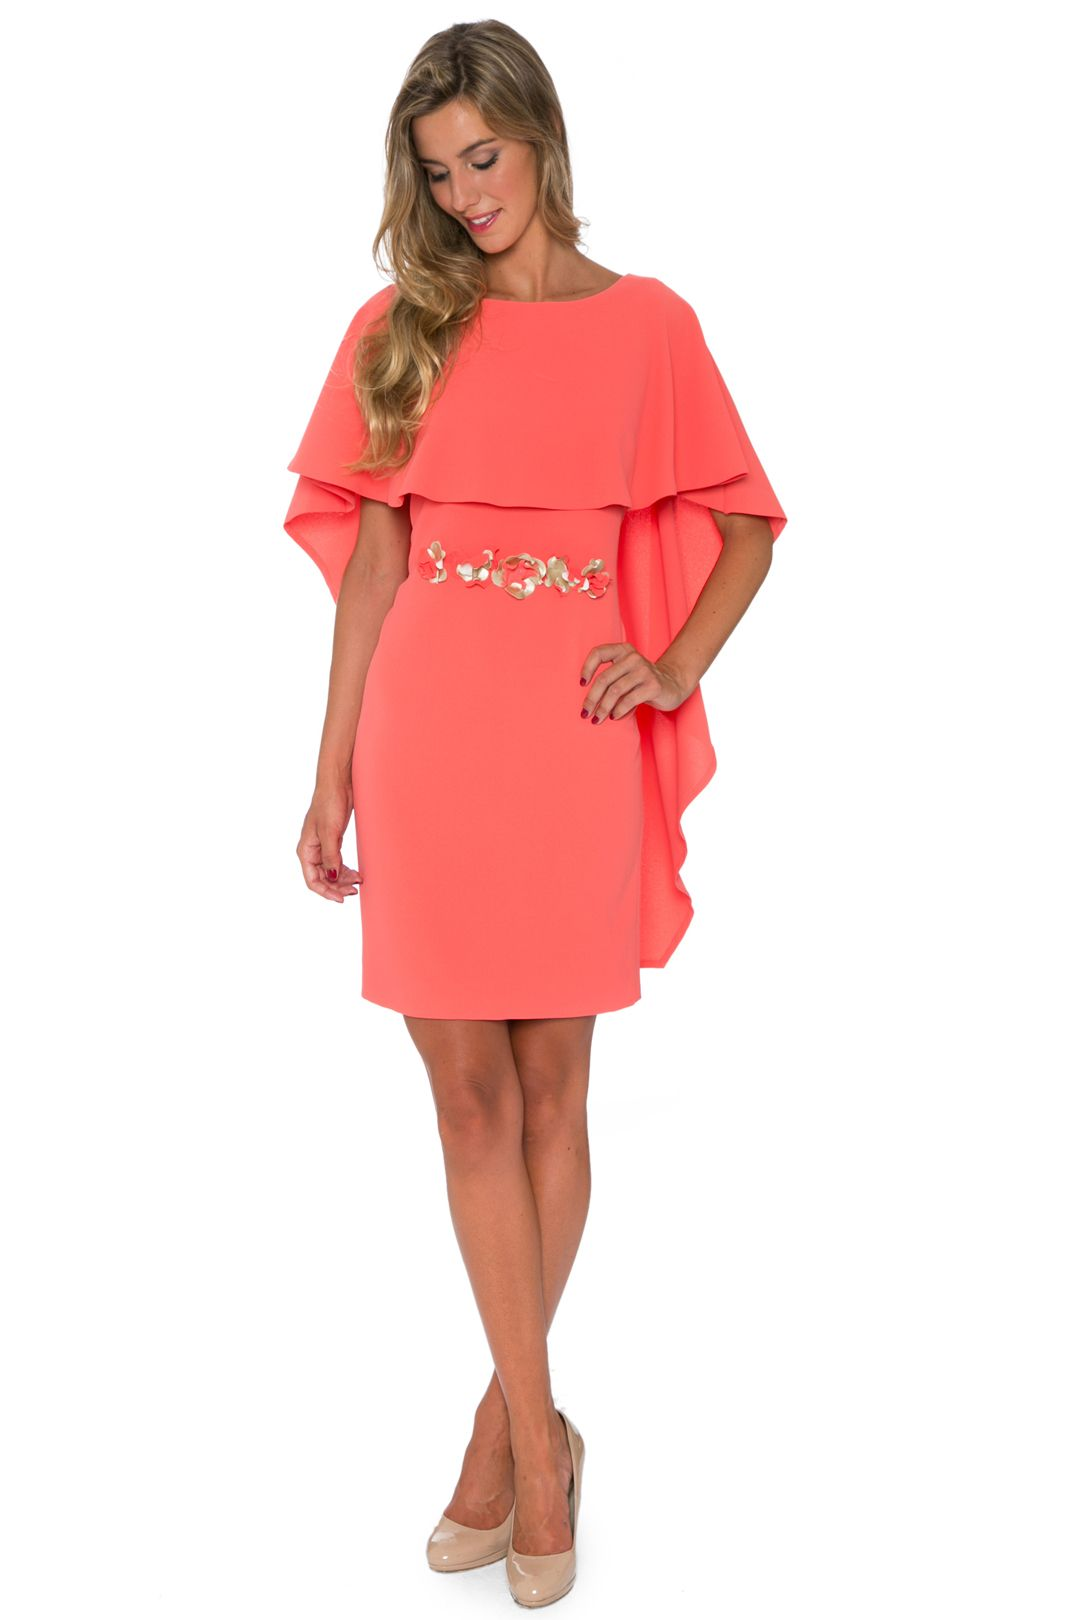 880c2e8a0 Vestido Coral Capelina - Alquiler de Vestidos - La Más Mona